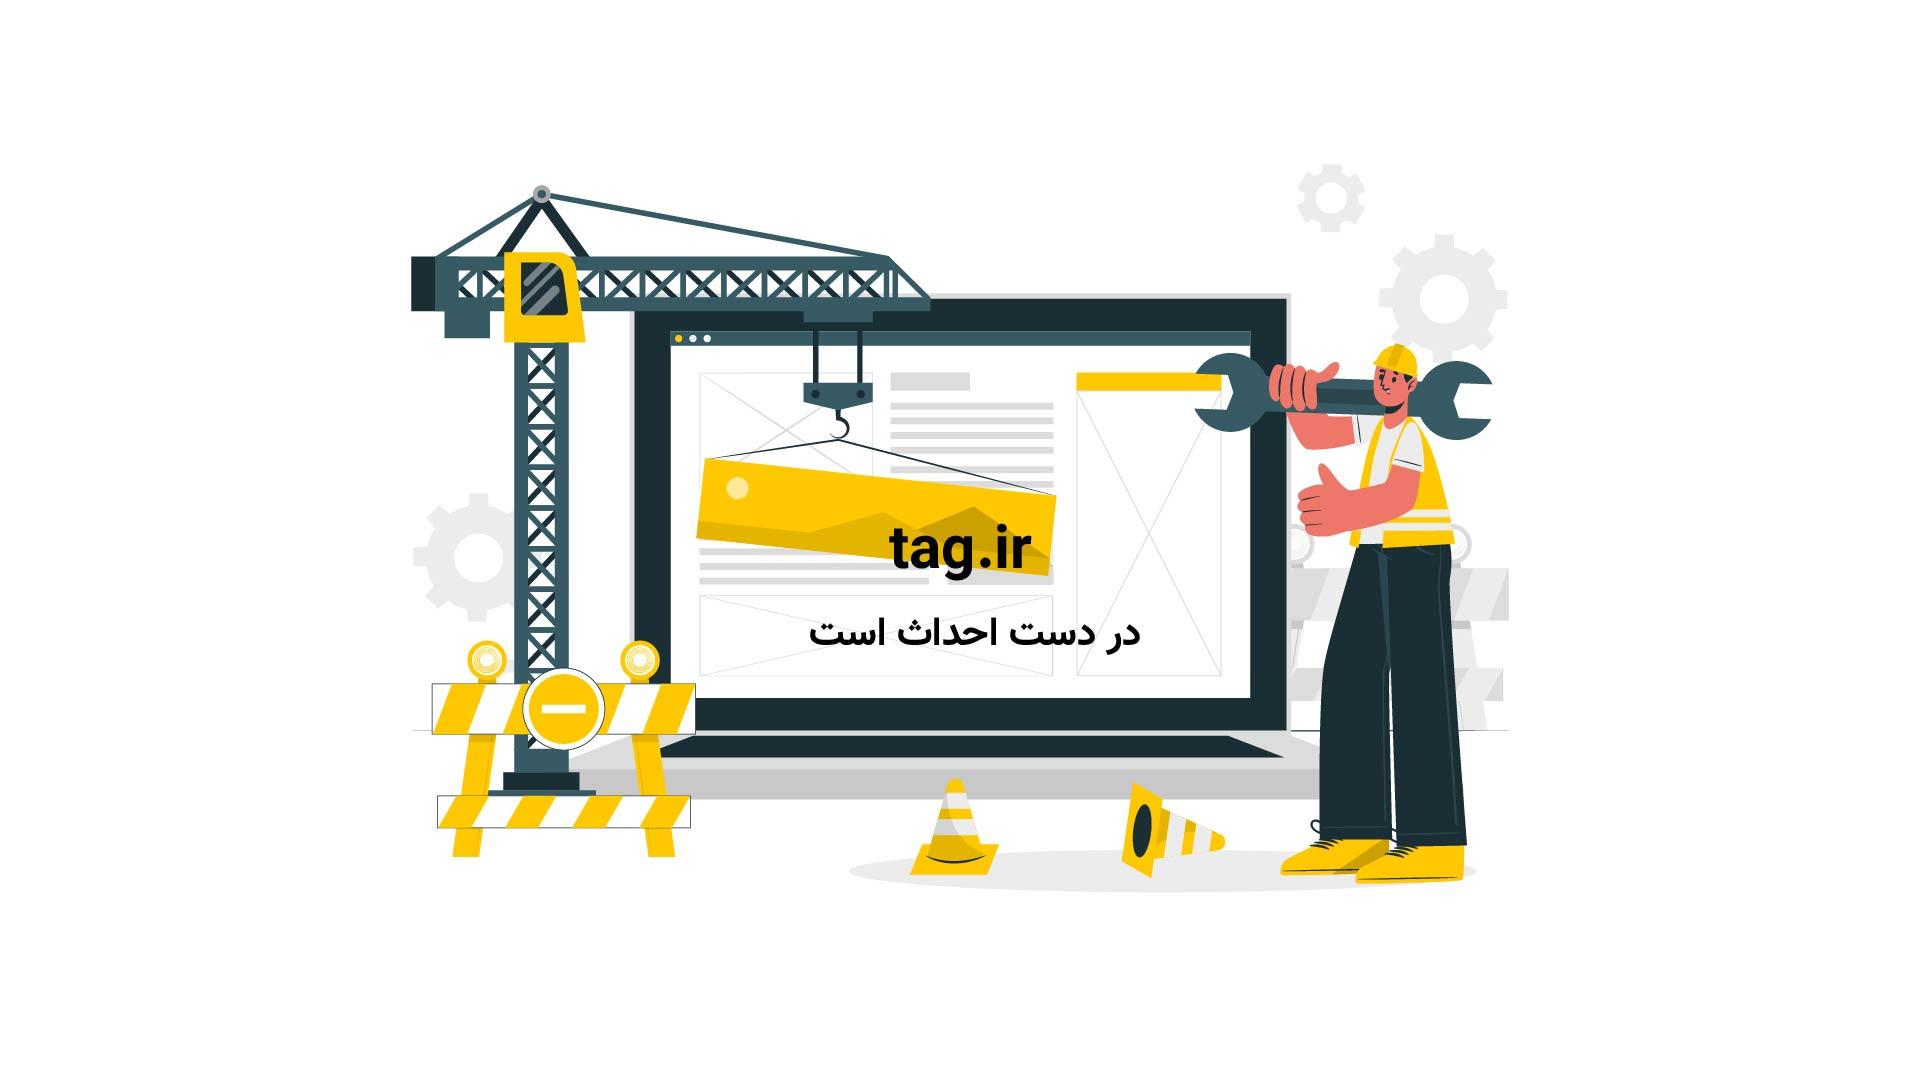 مناظر زیبا و دیدنی استان کرمان و شهر های آن | فیلم